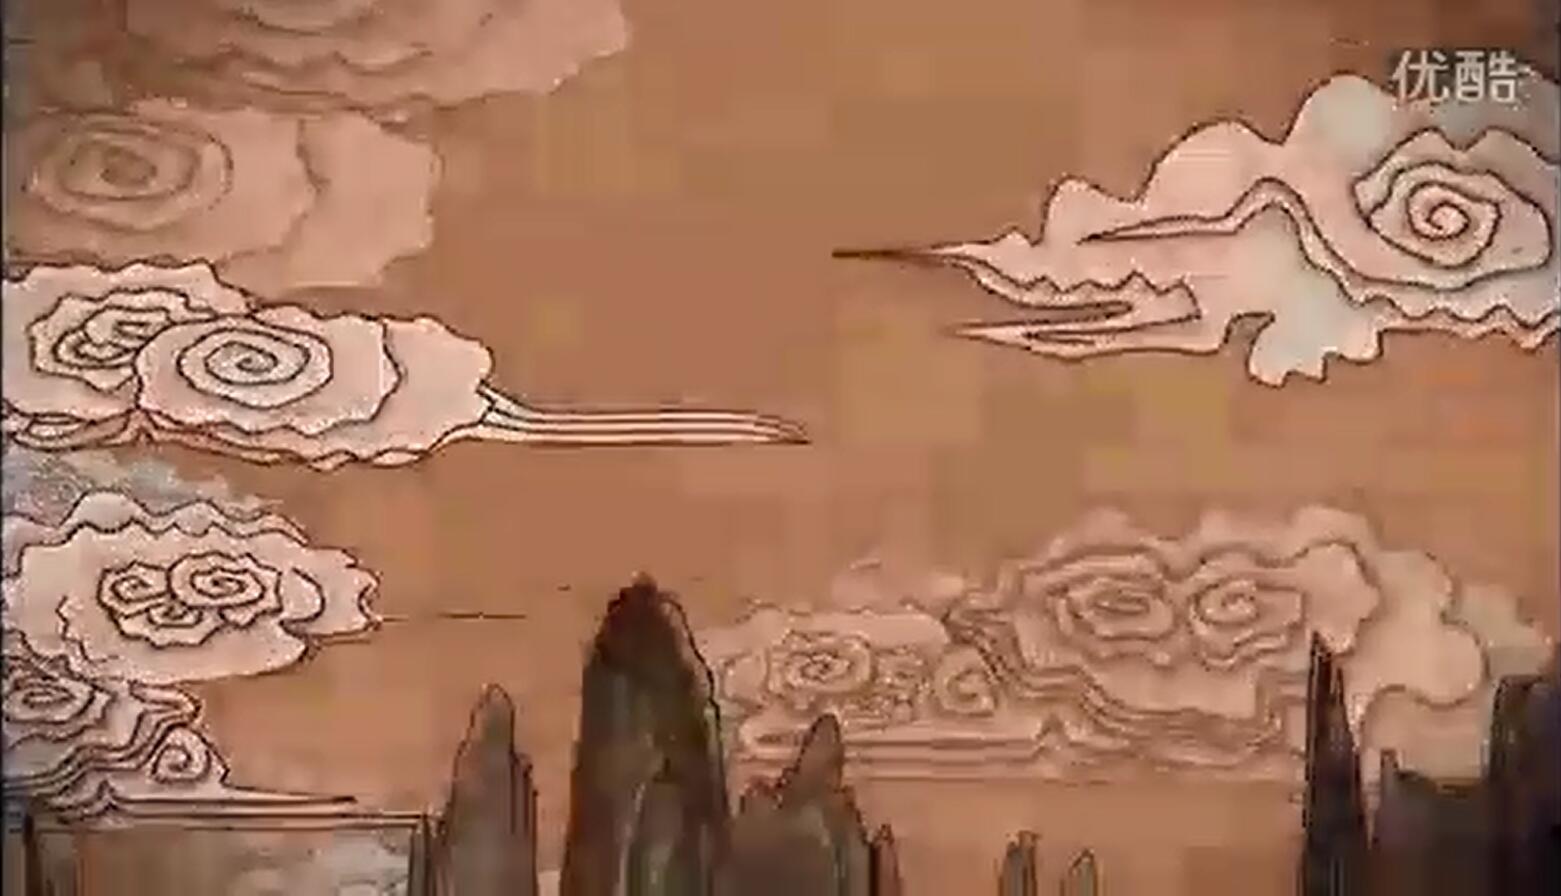 安徽省白泽湖中学 2019 人教版 高中语文必修二   孔雀东南飞    课文故事复述配音[来自e网通极速客户端]